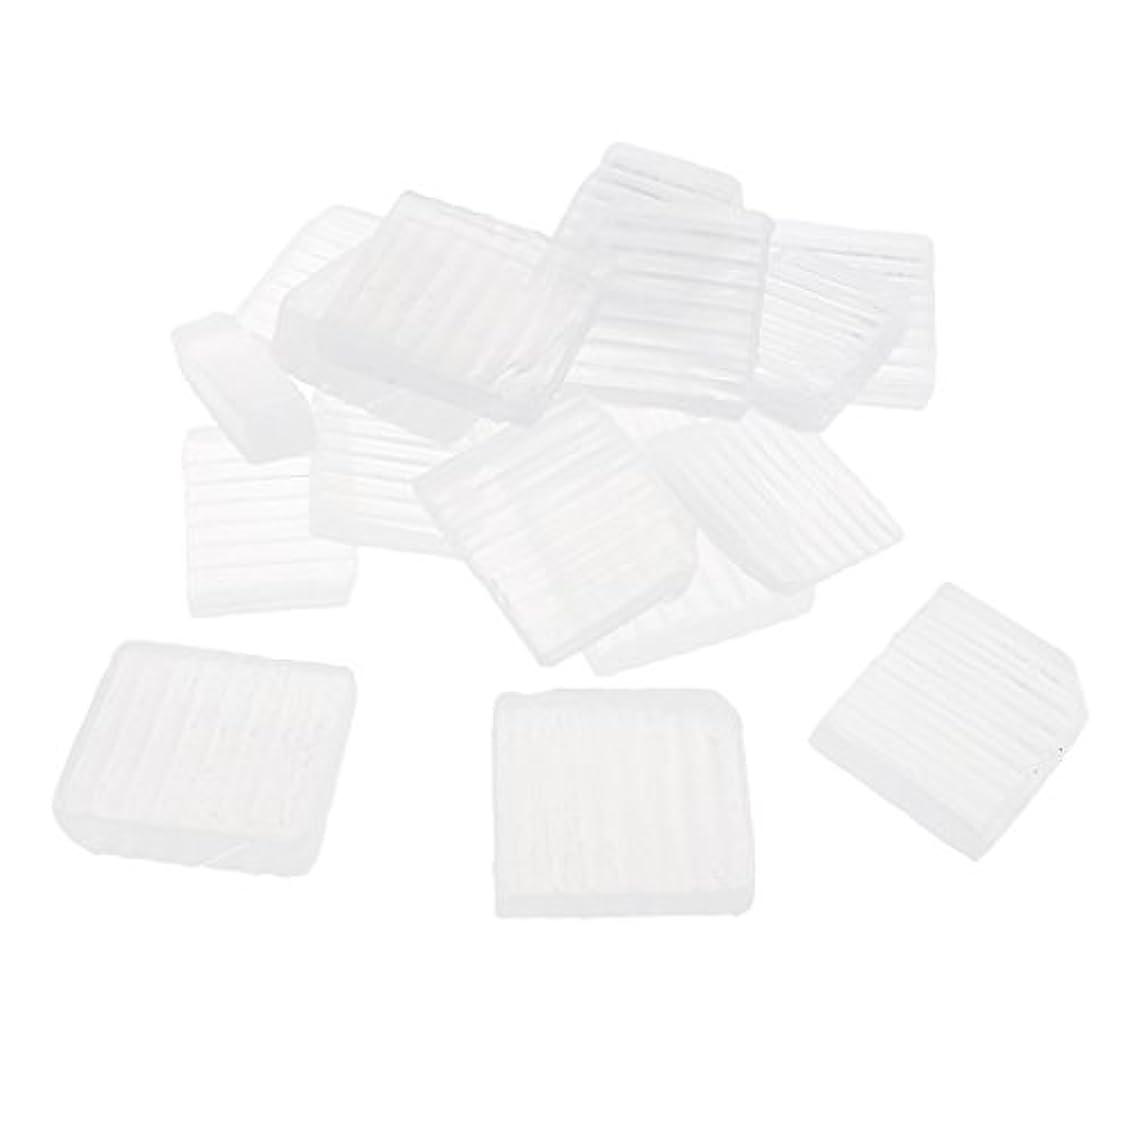 スロベニア天使ハード透明 石鹸ベース DIY 手作り 石鹸 約1 KG